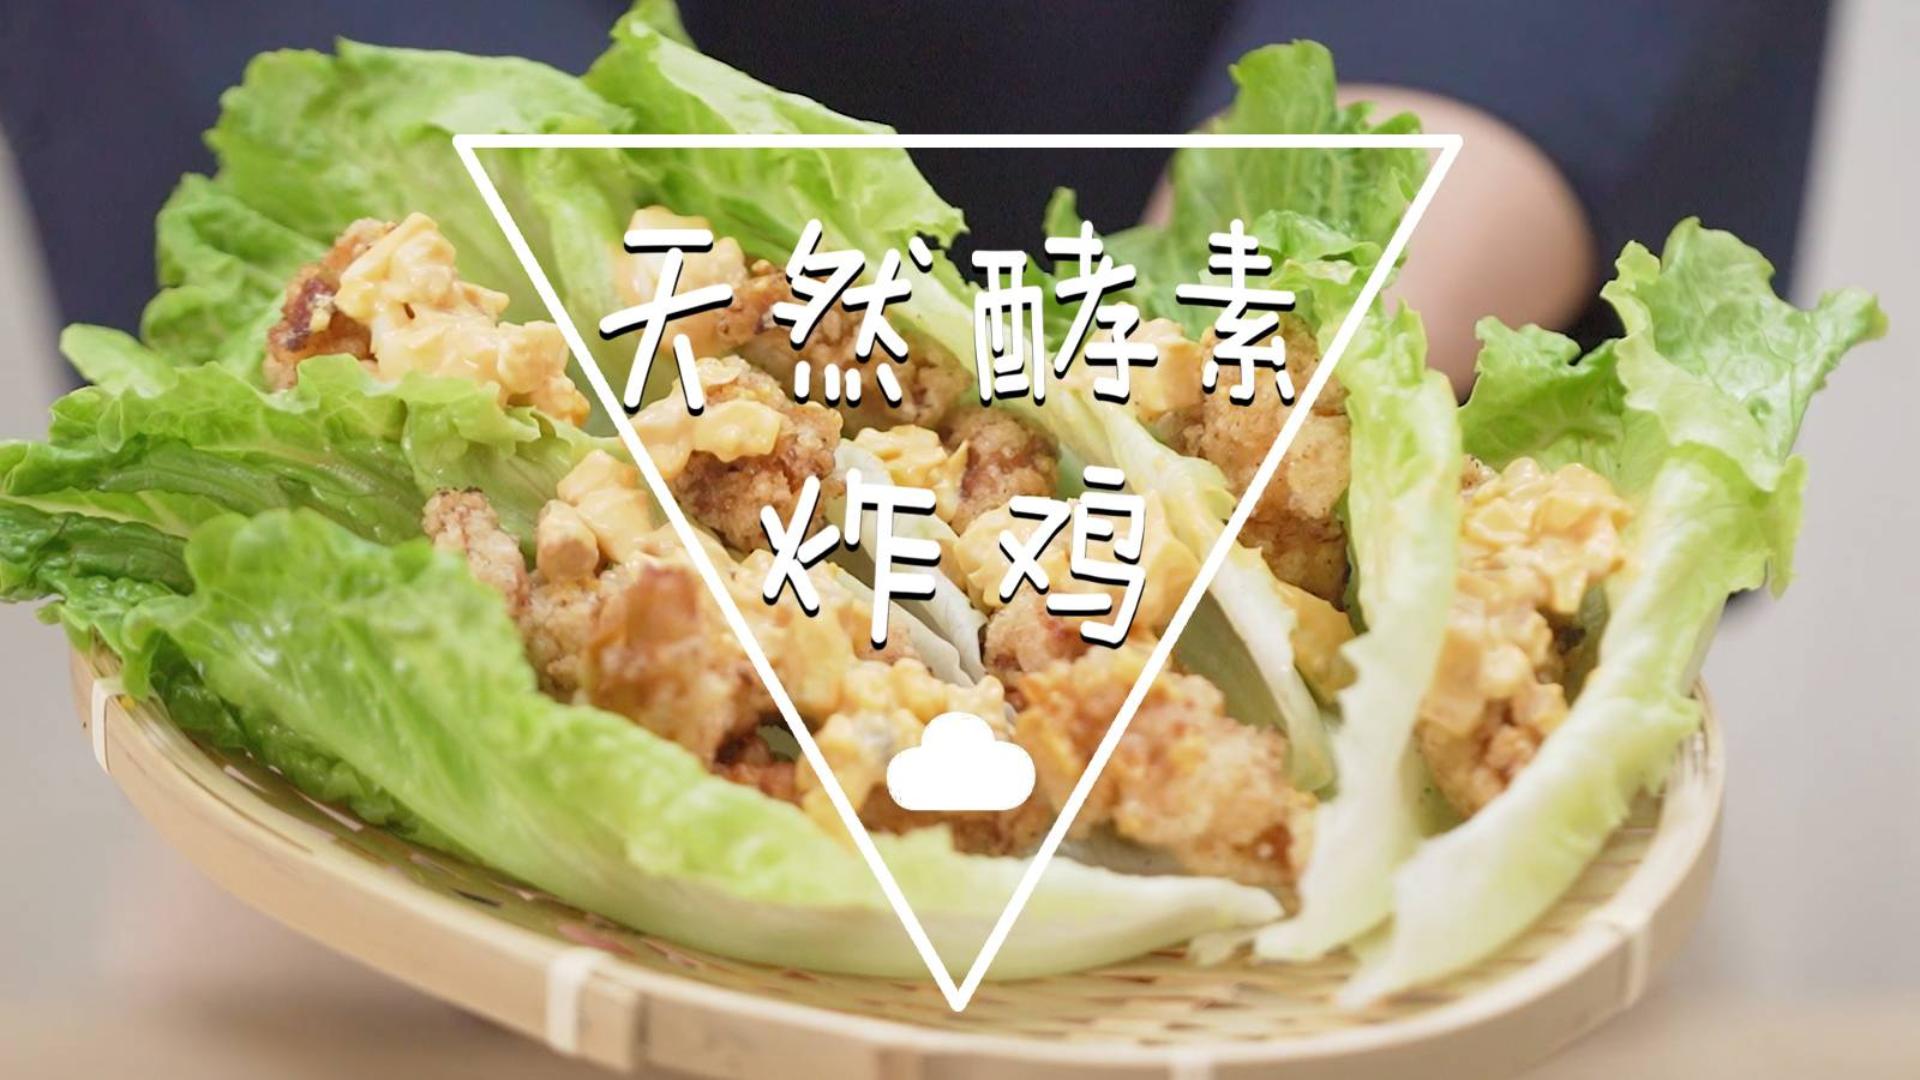 日式炸鸡大比拼!天然酵素炸鸡配上特制中国腌菜风味塔塔酱,竟好吃到引发拍摄现场骚动!【速食物语】第7集